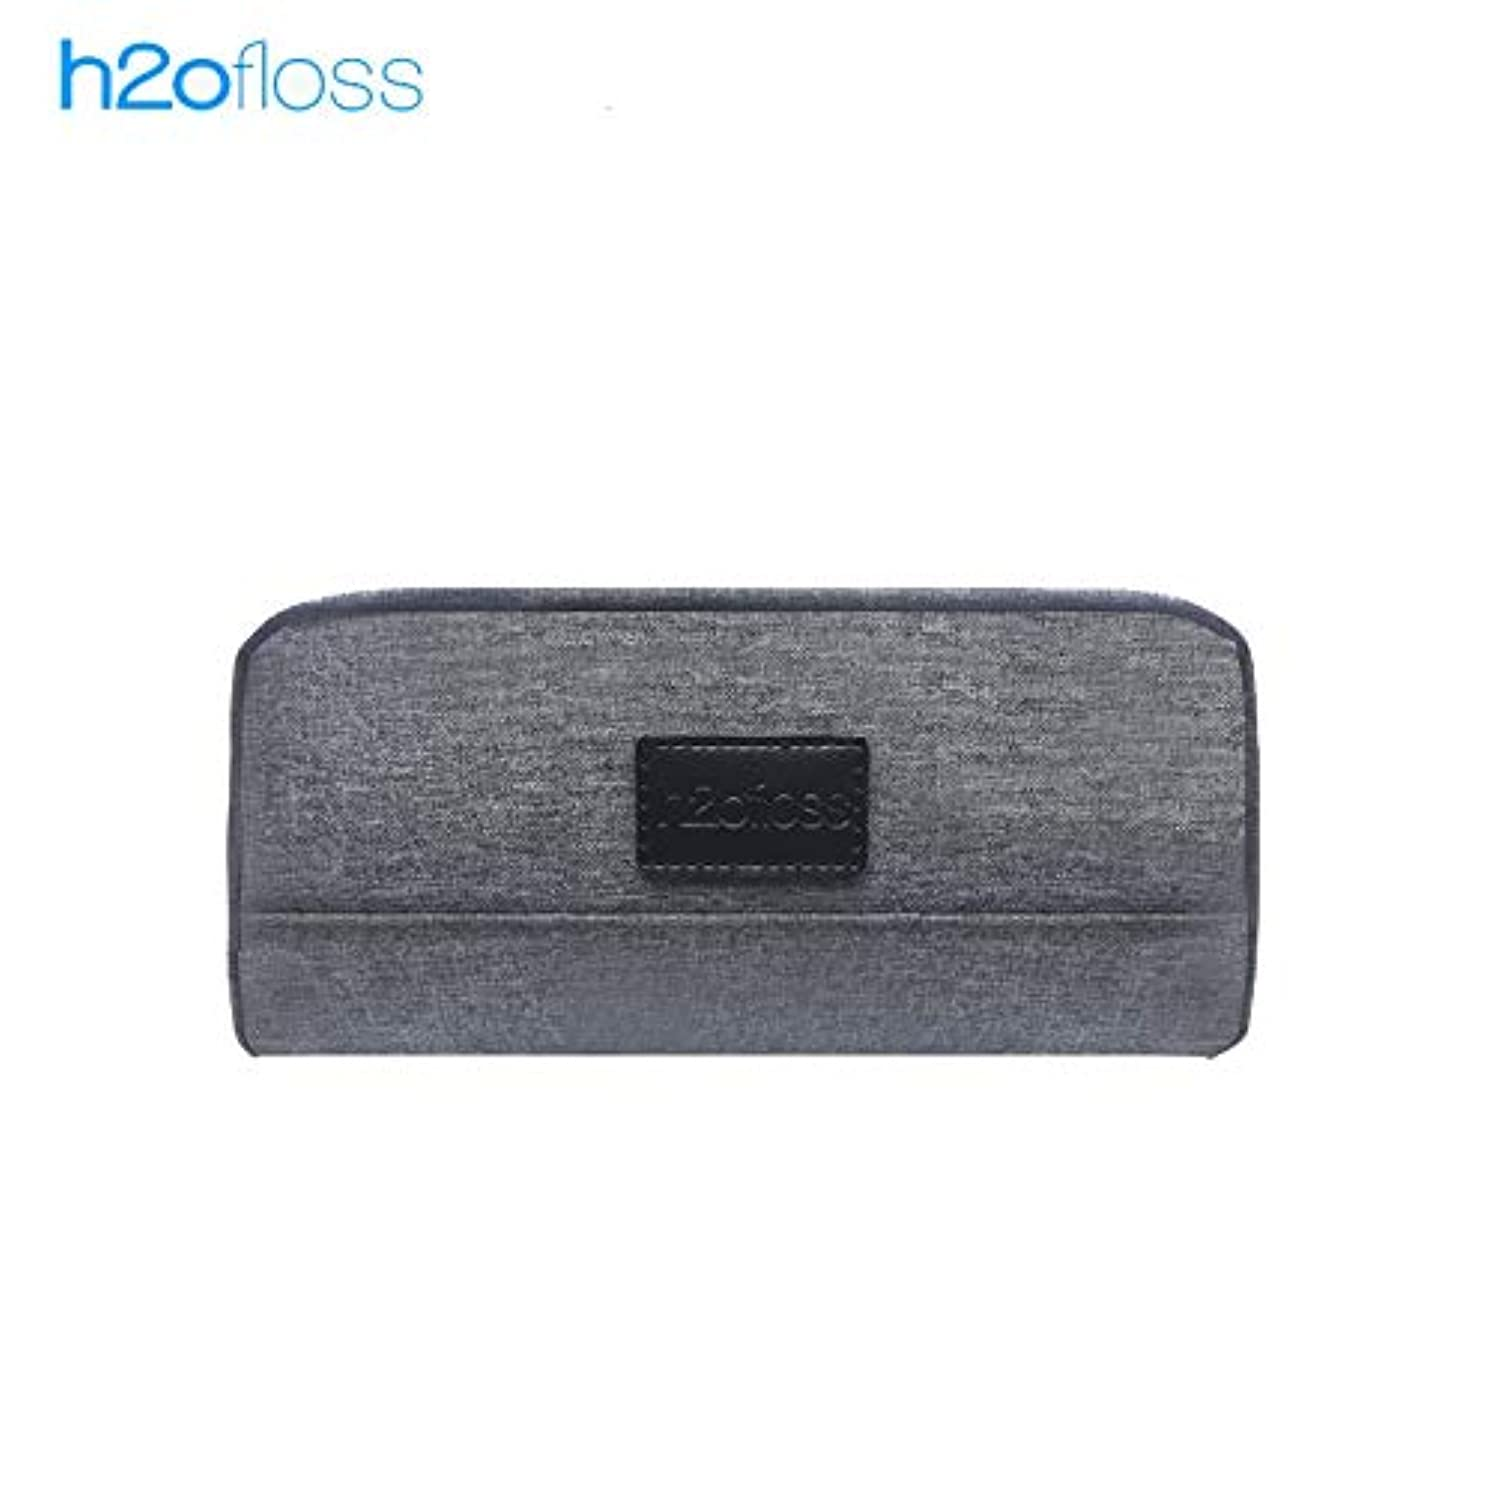 エステート気をつけて姪h2ofloss HF-5 専用の収納バッグ 口腔洗浄器 ジェットウォッシャー スーパー便利な ハードケース 専用旅行収納